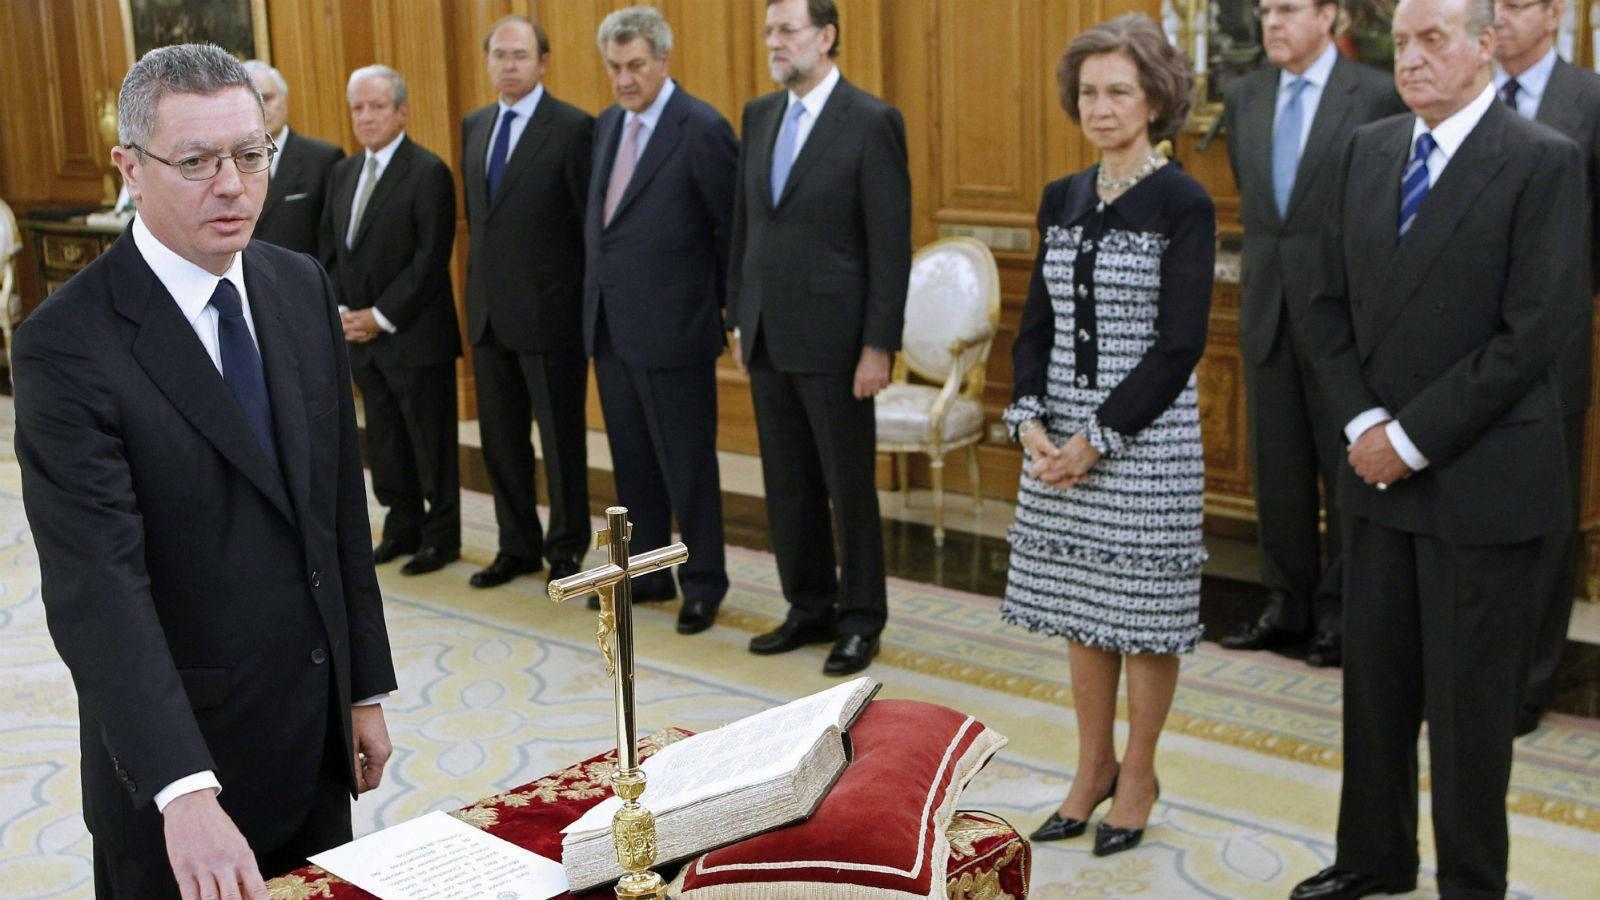 La etapa de Gallardón como ministro de Justicia, en imágenes